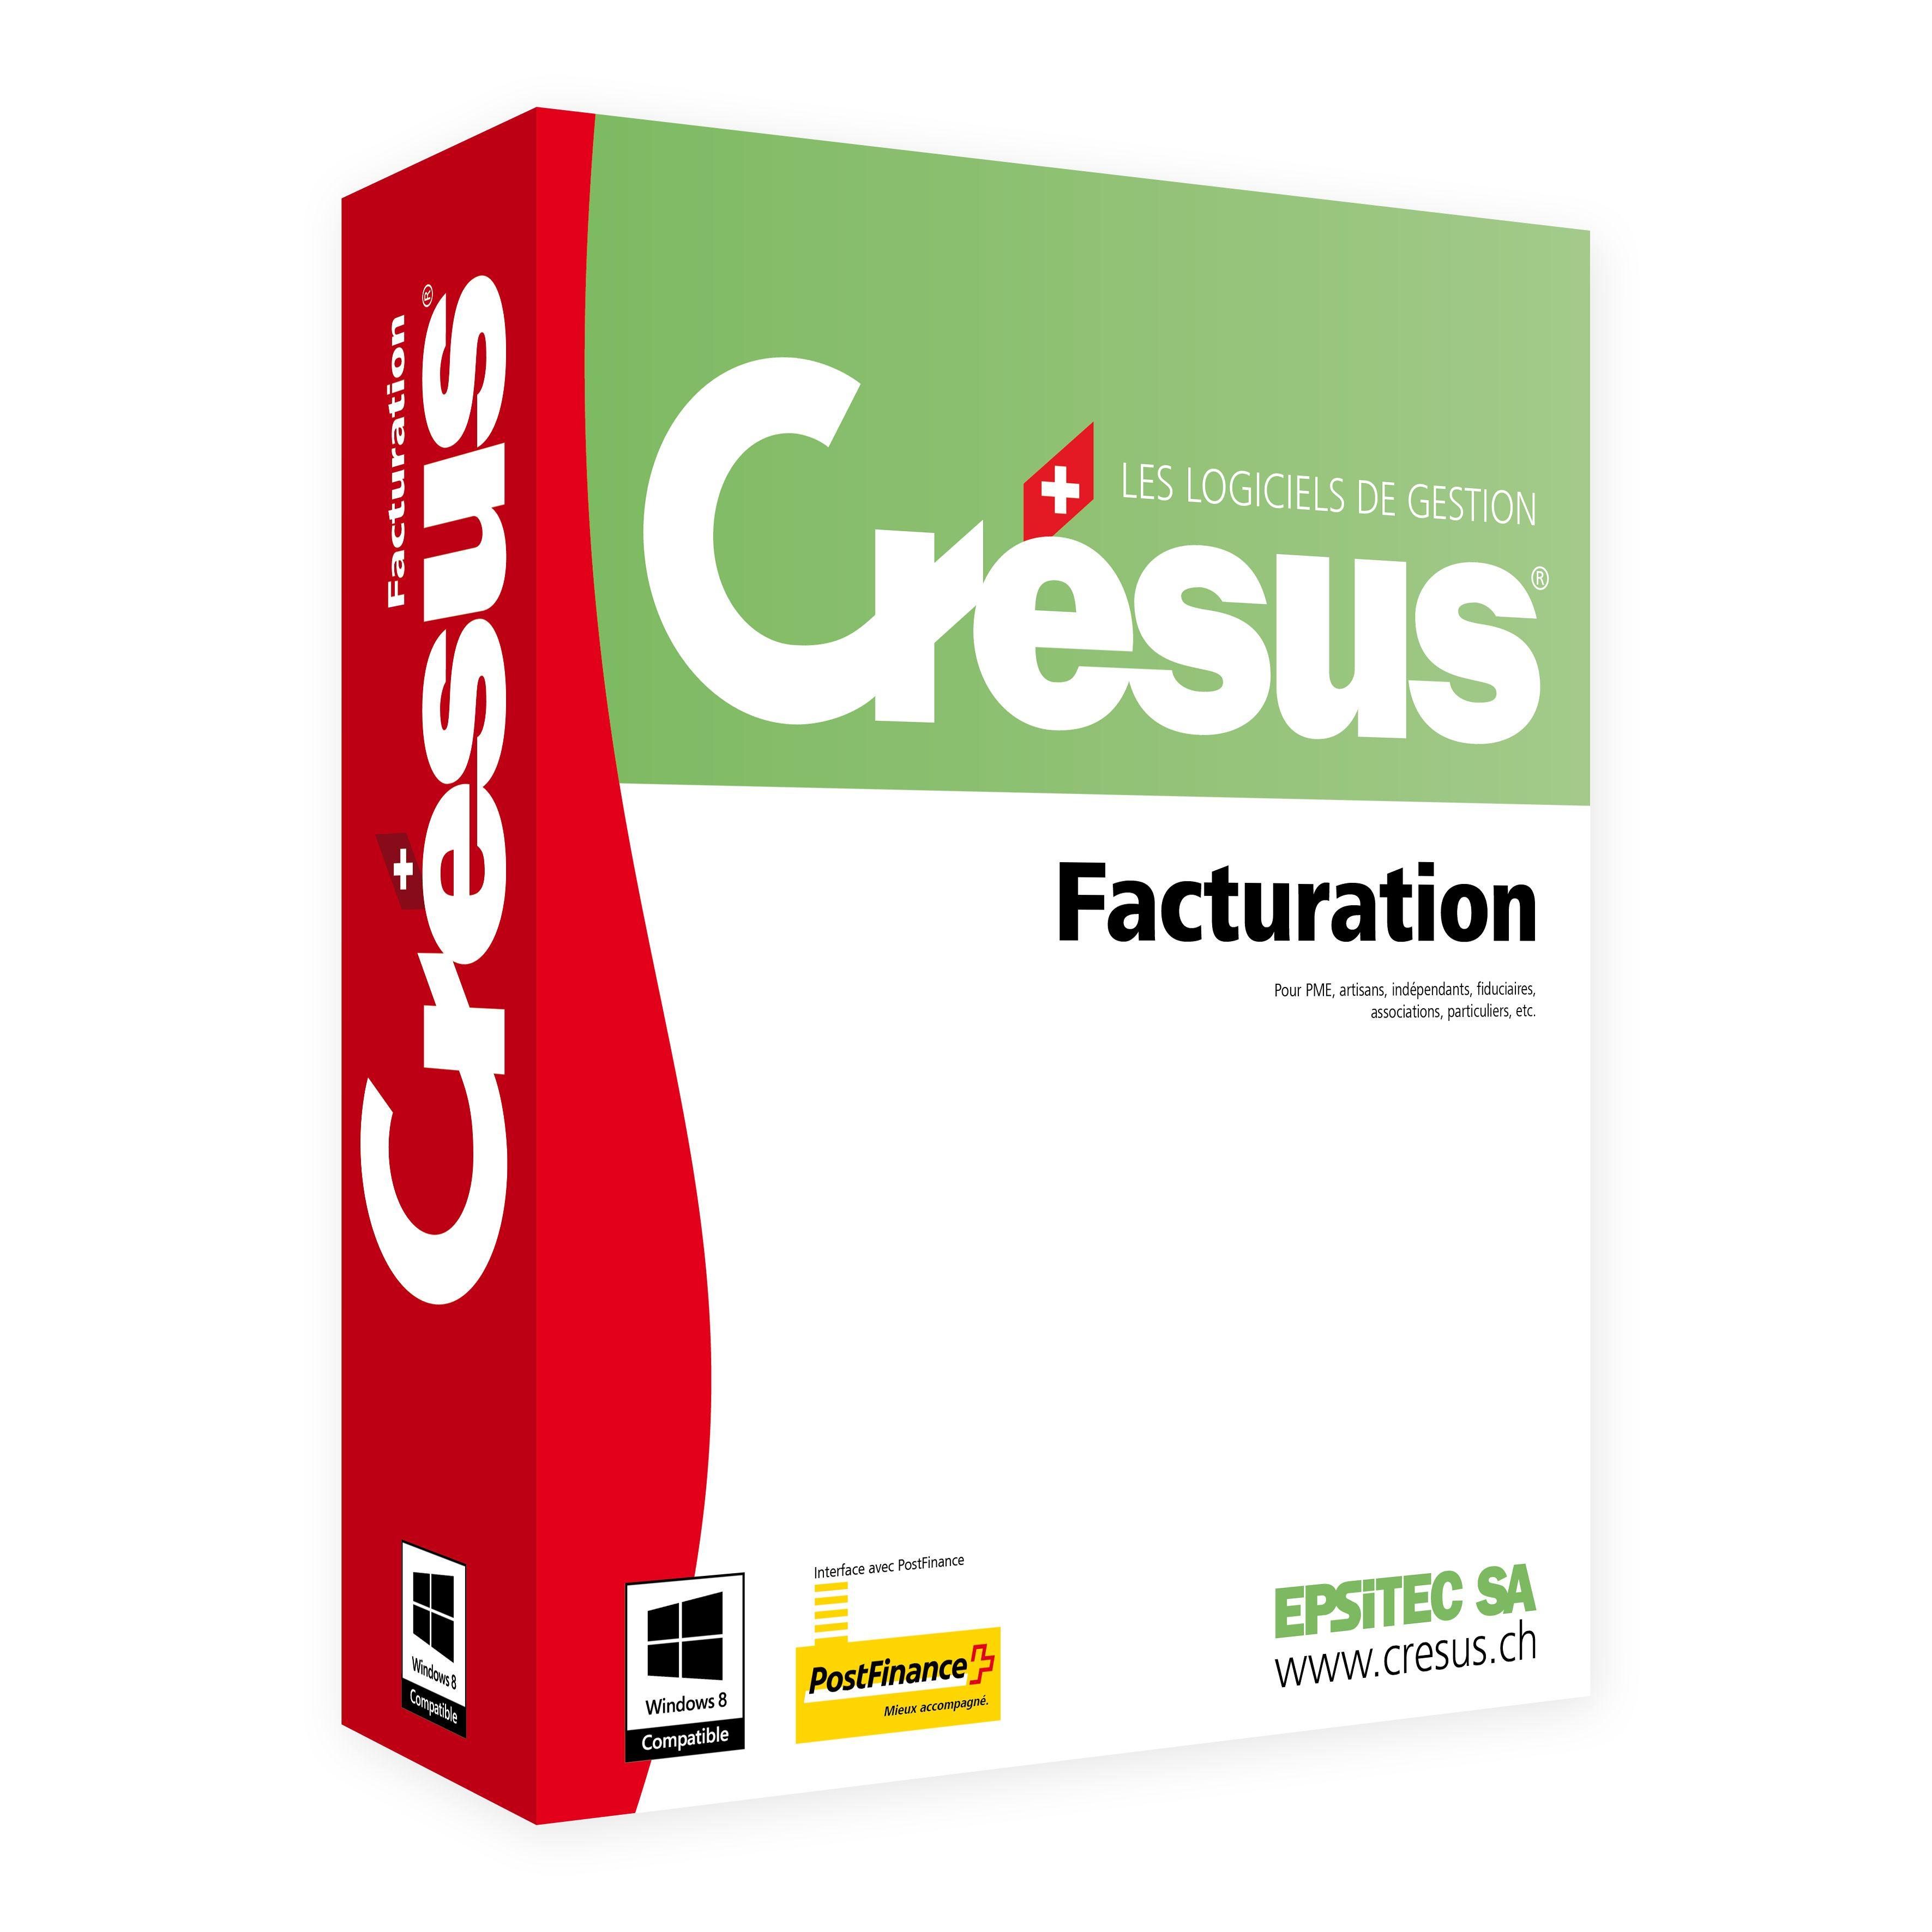 Crésus Facturation la référence en matière de Facturation